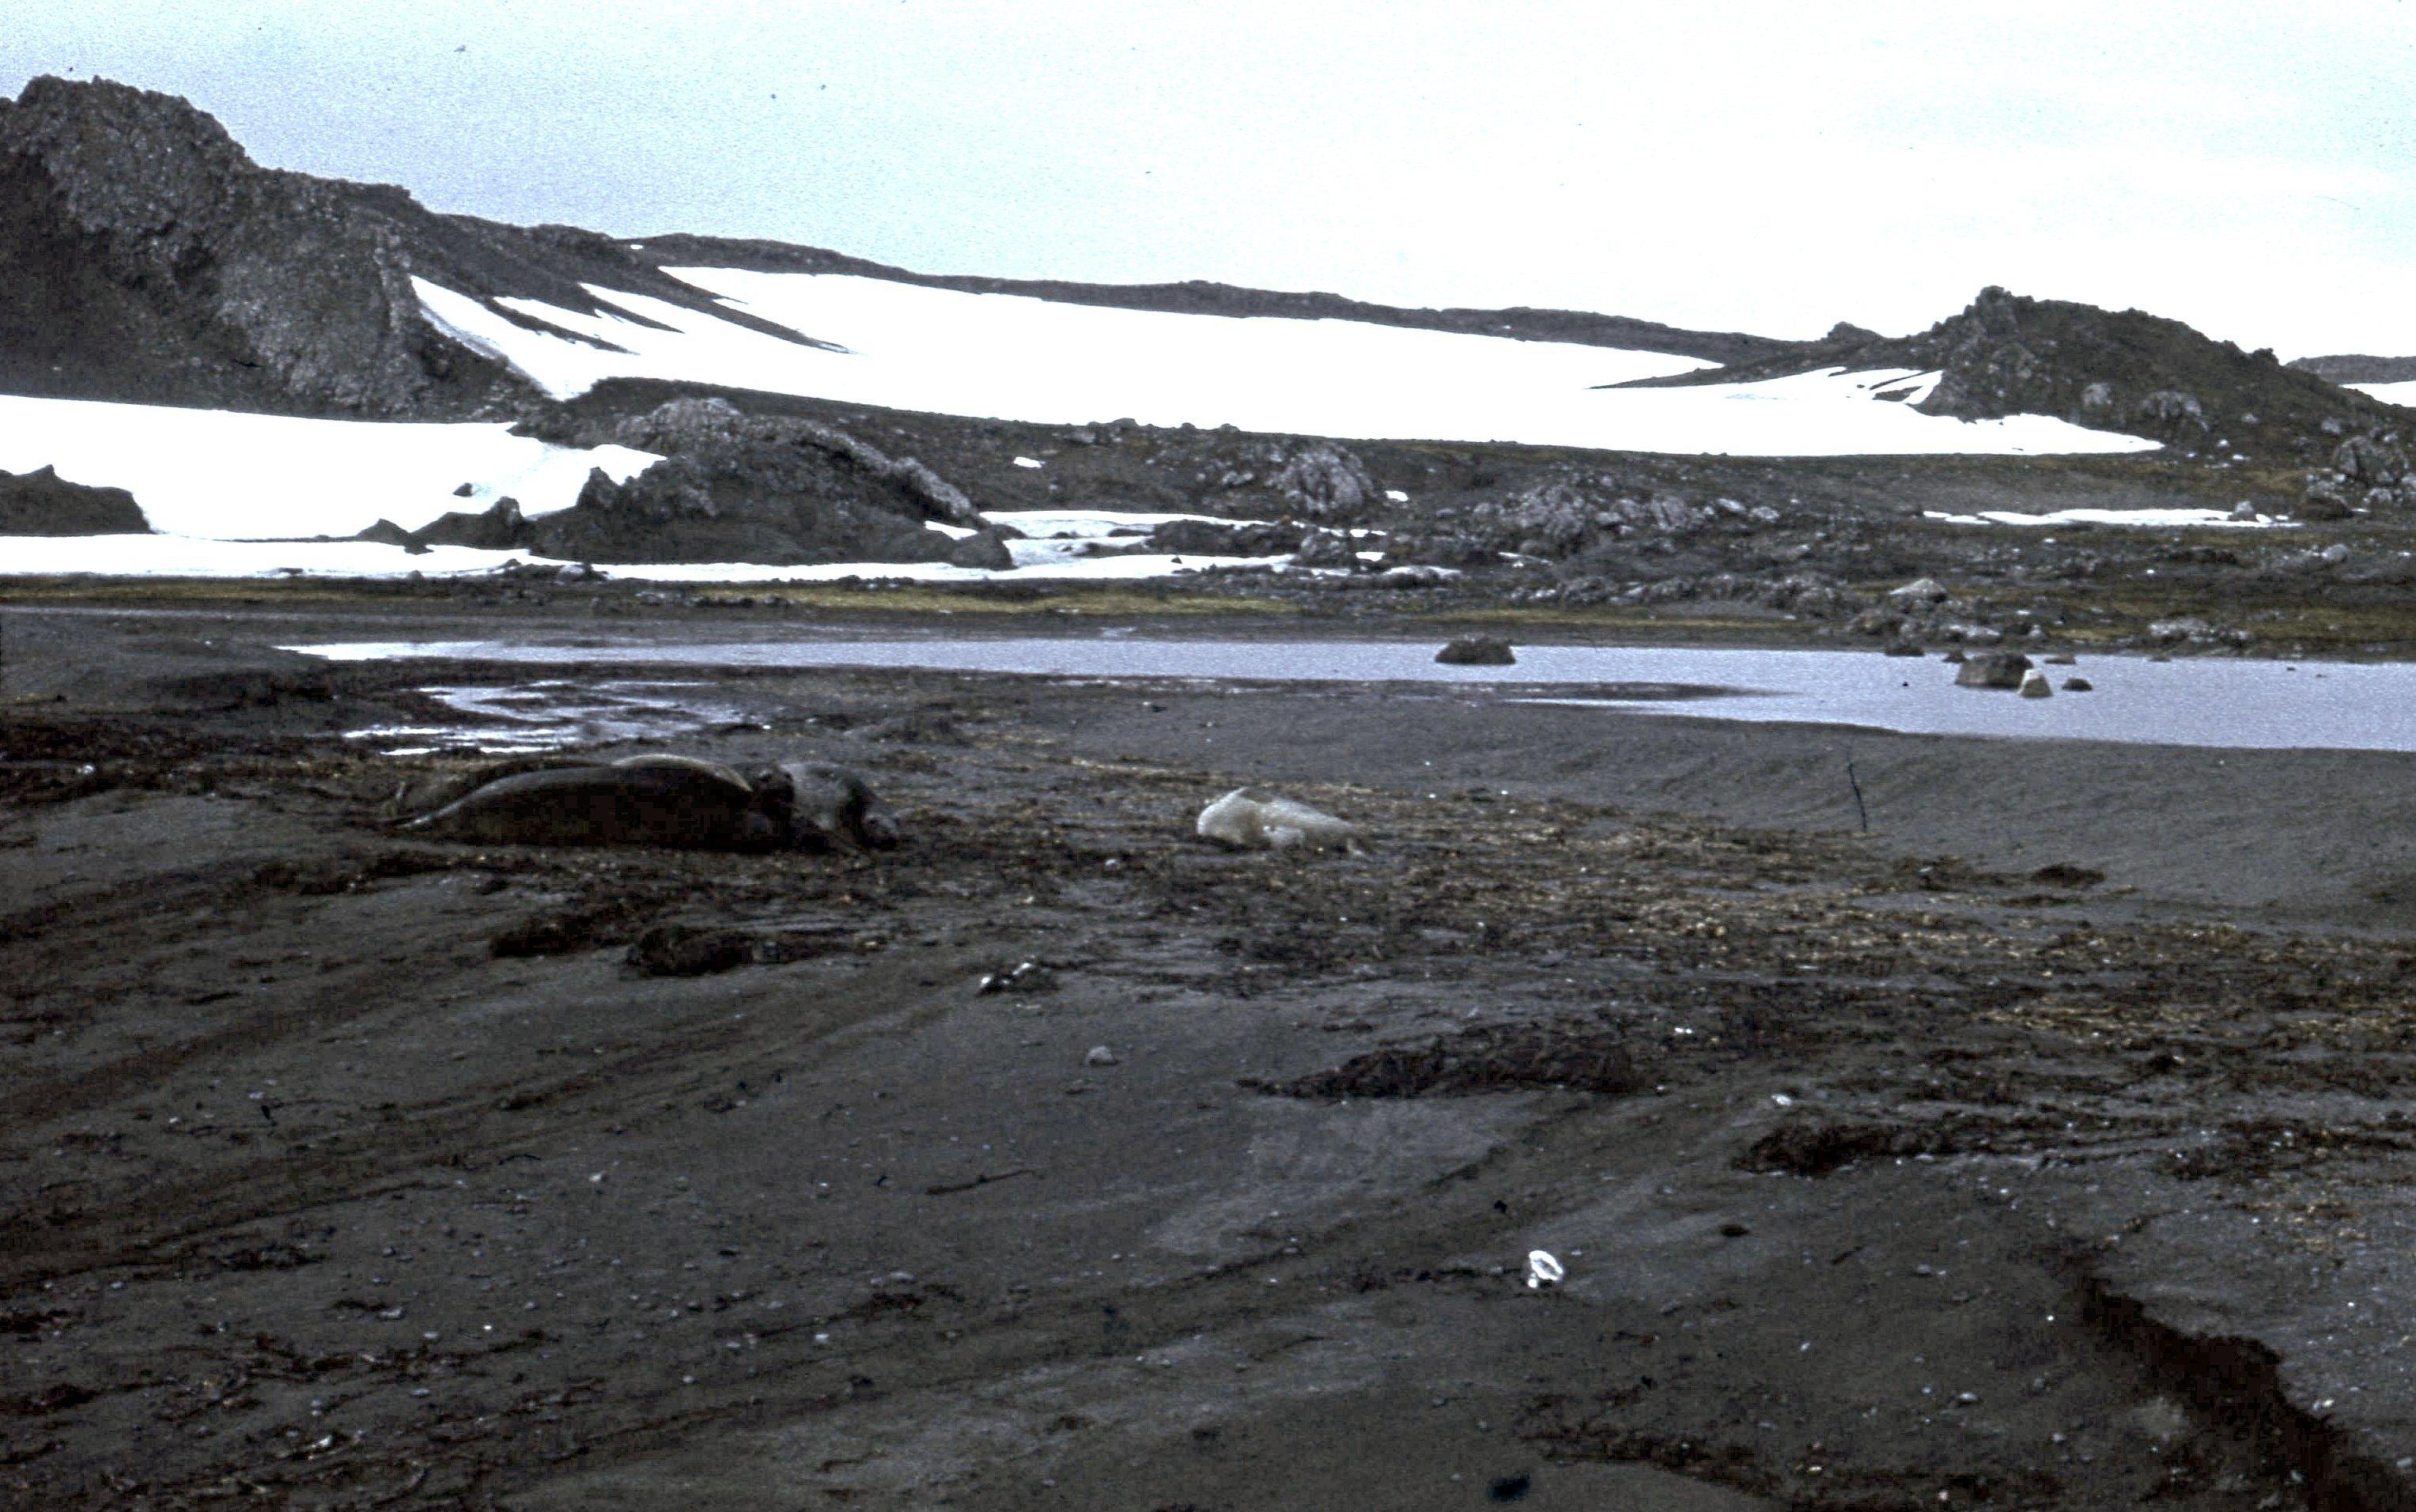 829763 Антарктическая станция _Молодёжная_.jpg